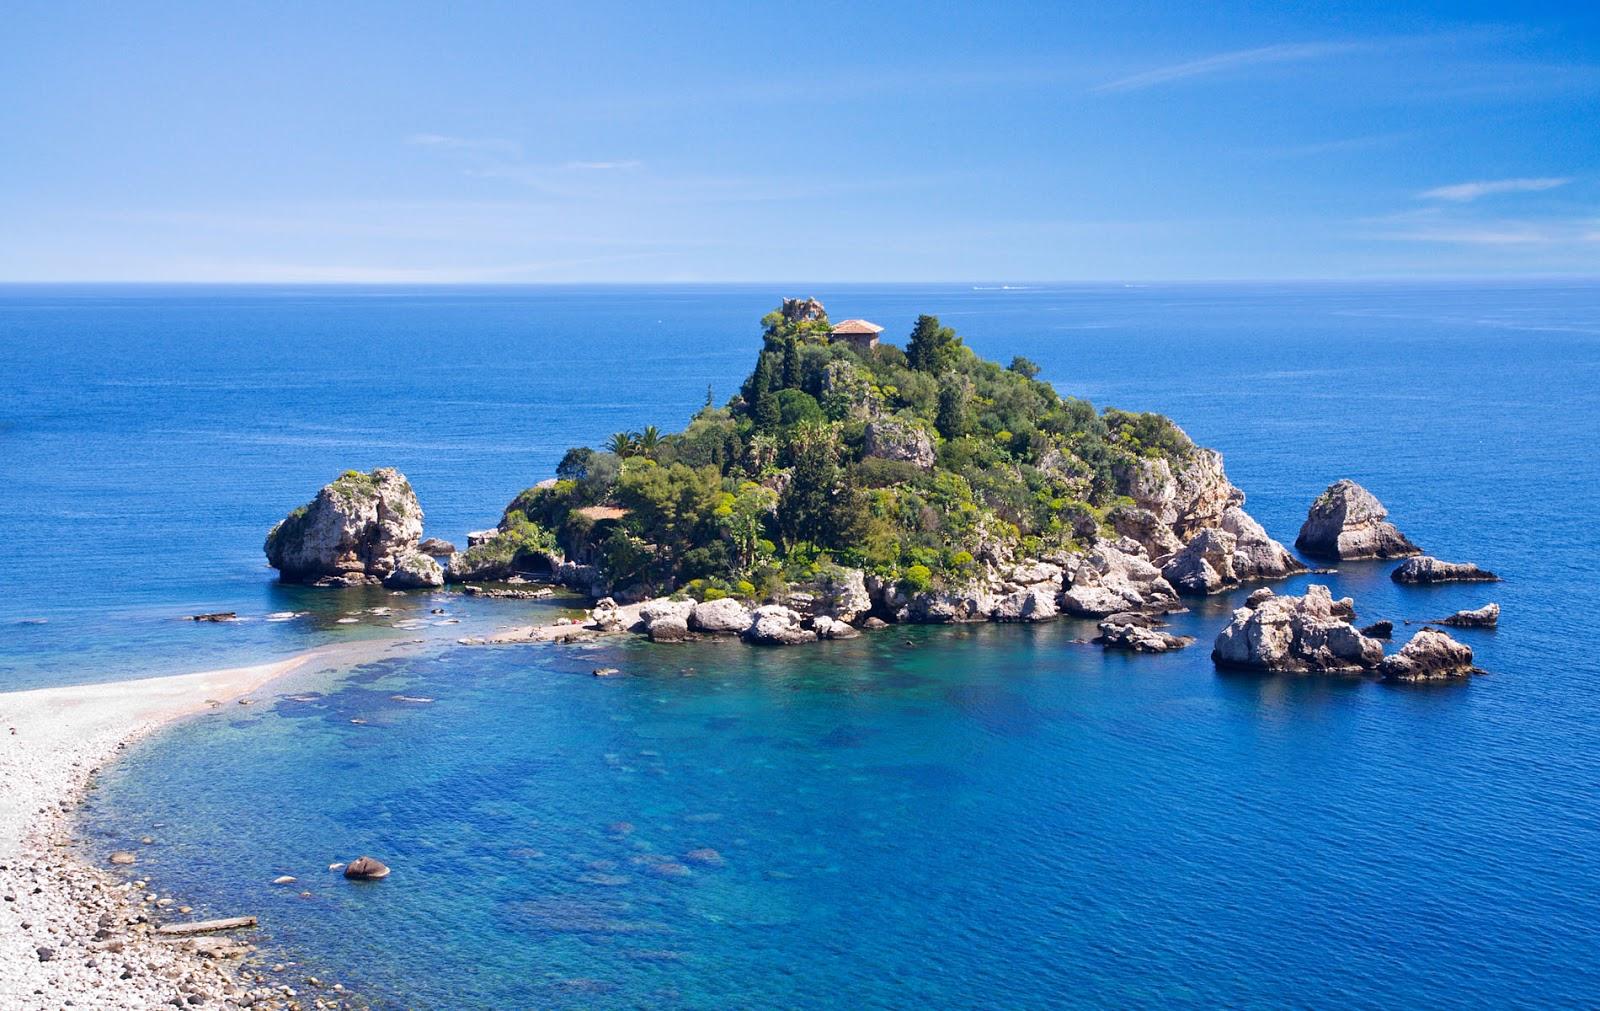 Yacht Charter Sicily Aeolian Islands HD Widescreen Nature Wallpaper